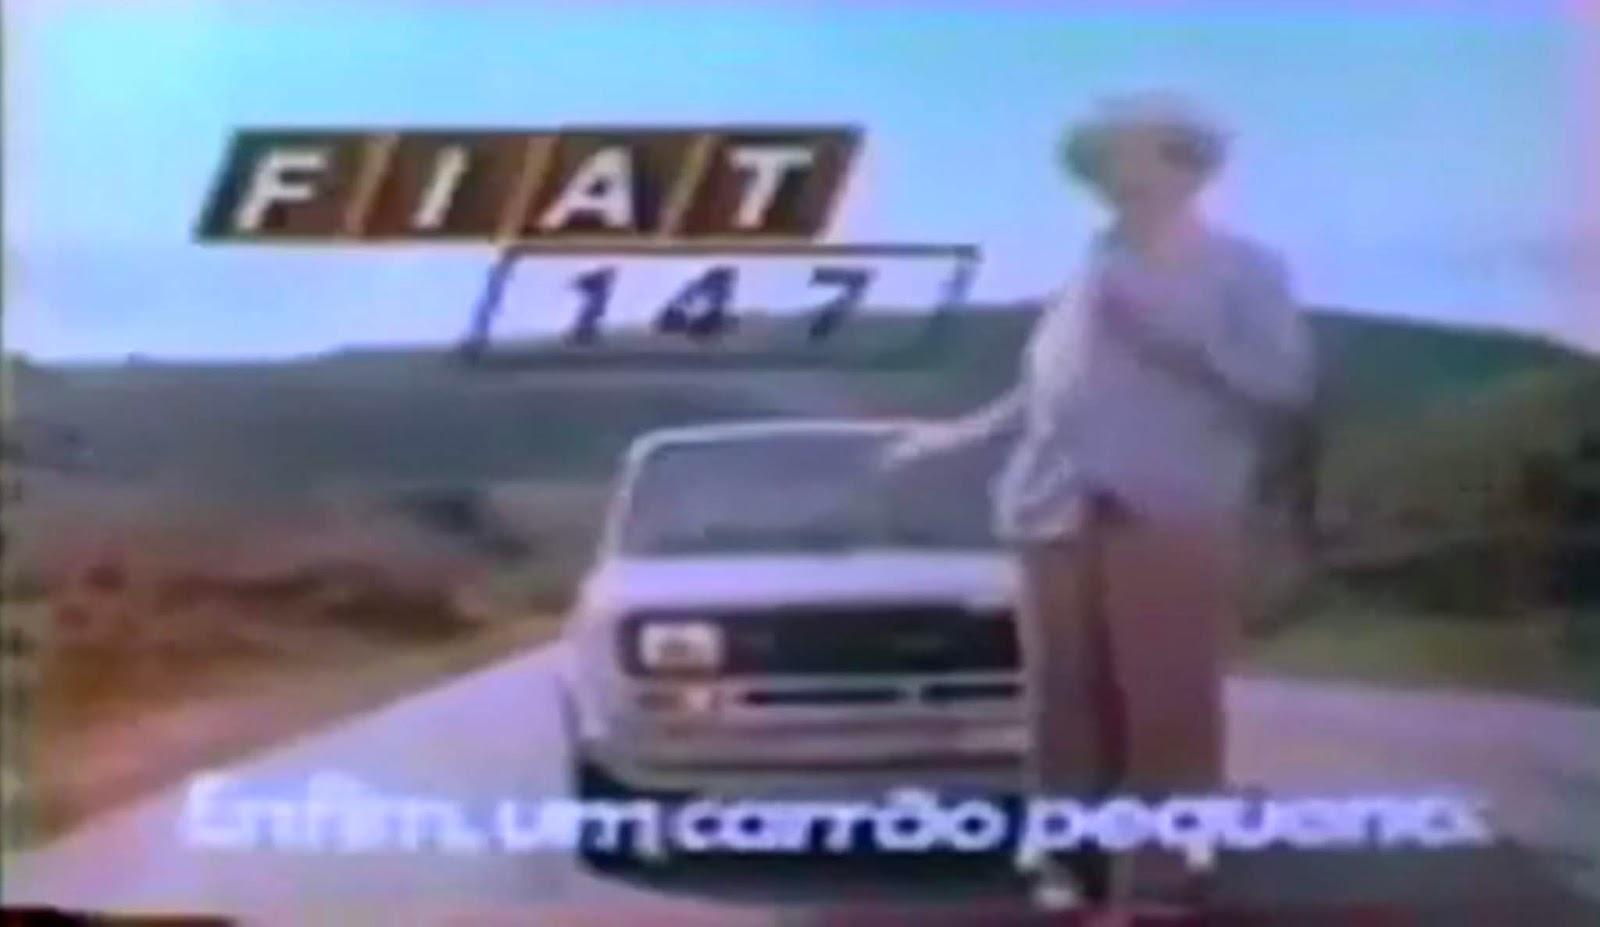 Campanha de lançamento do Fiat 147 pela Fiat no ano de 1976